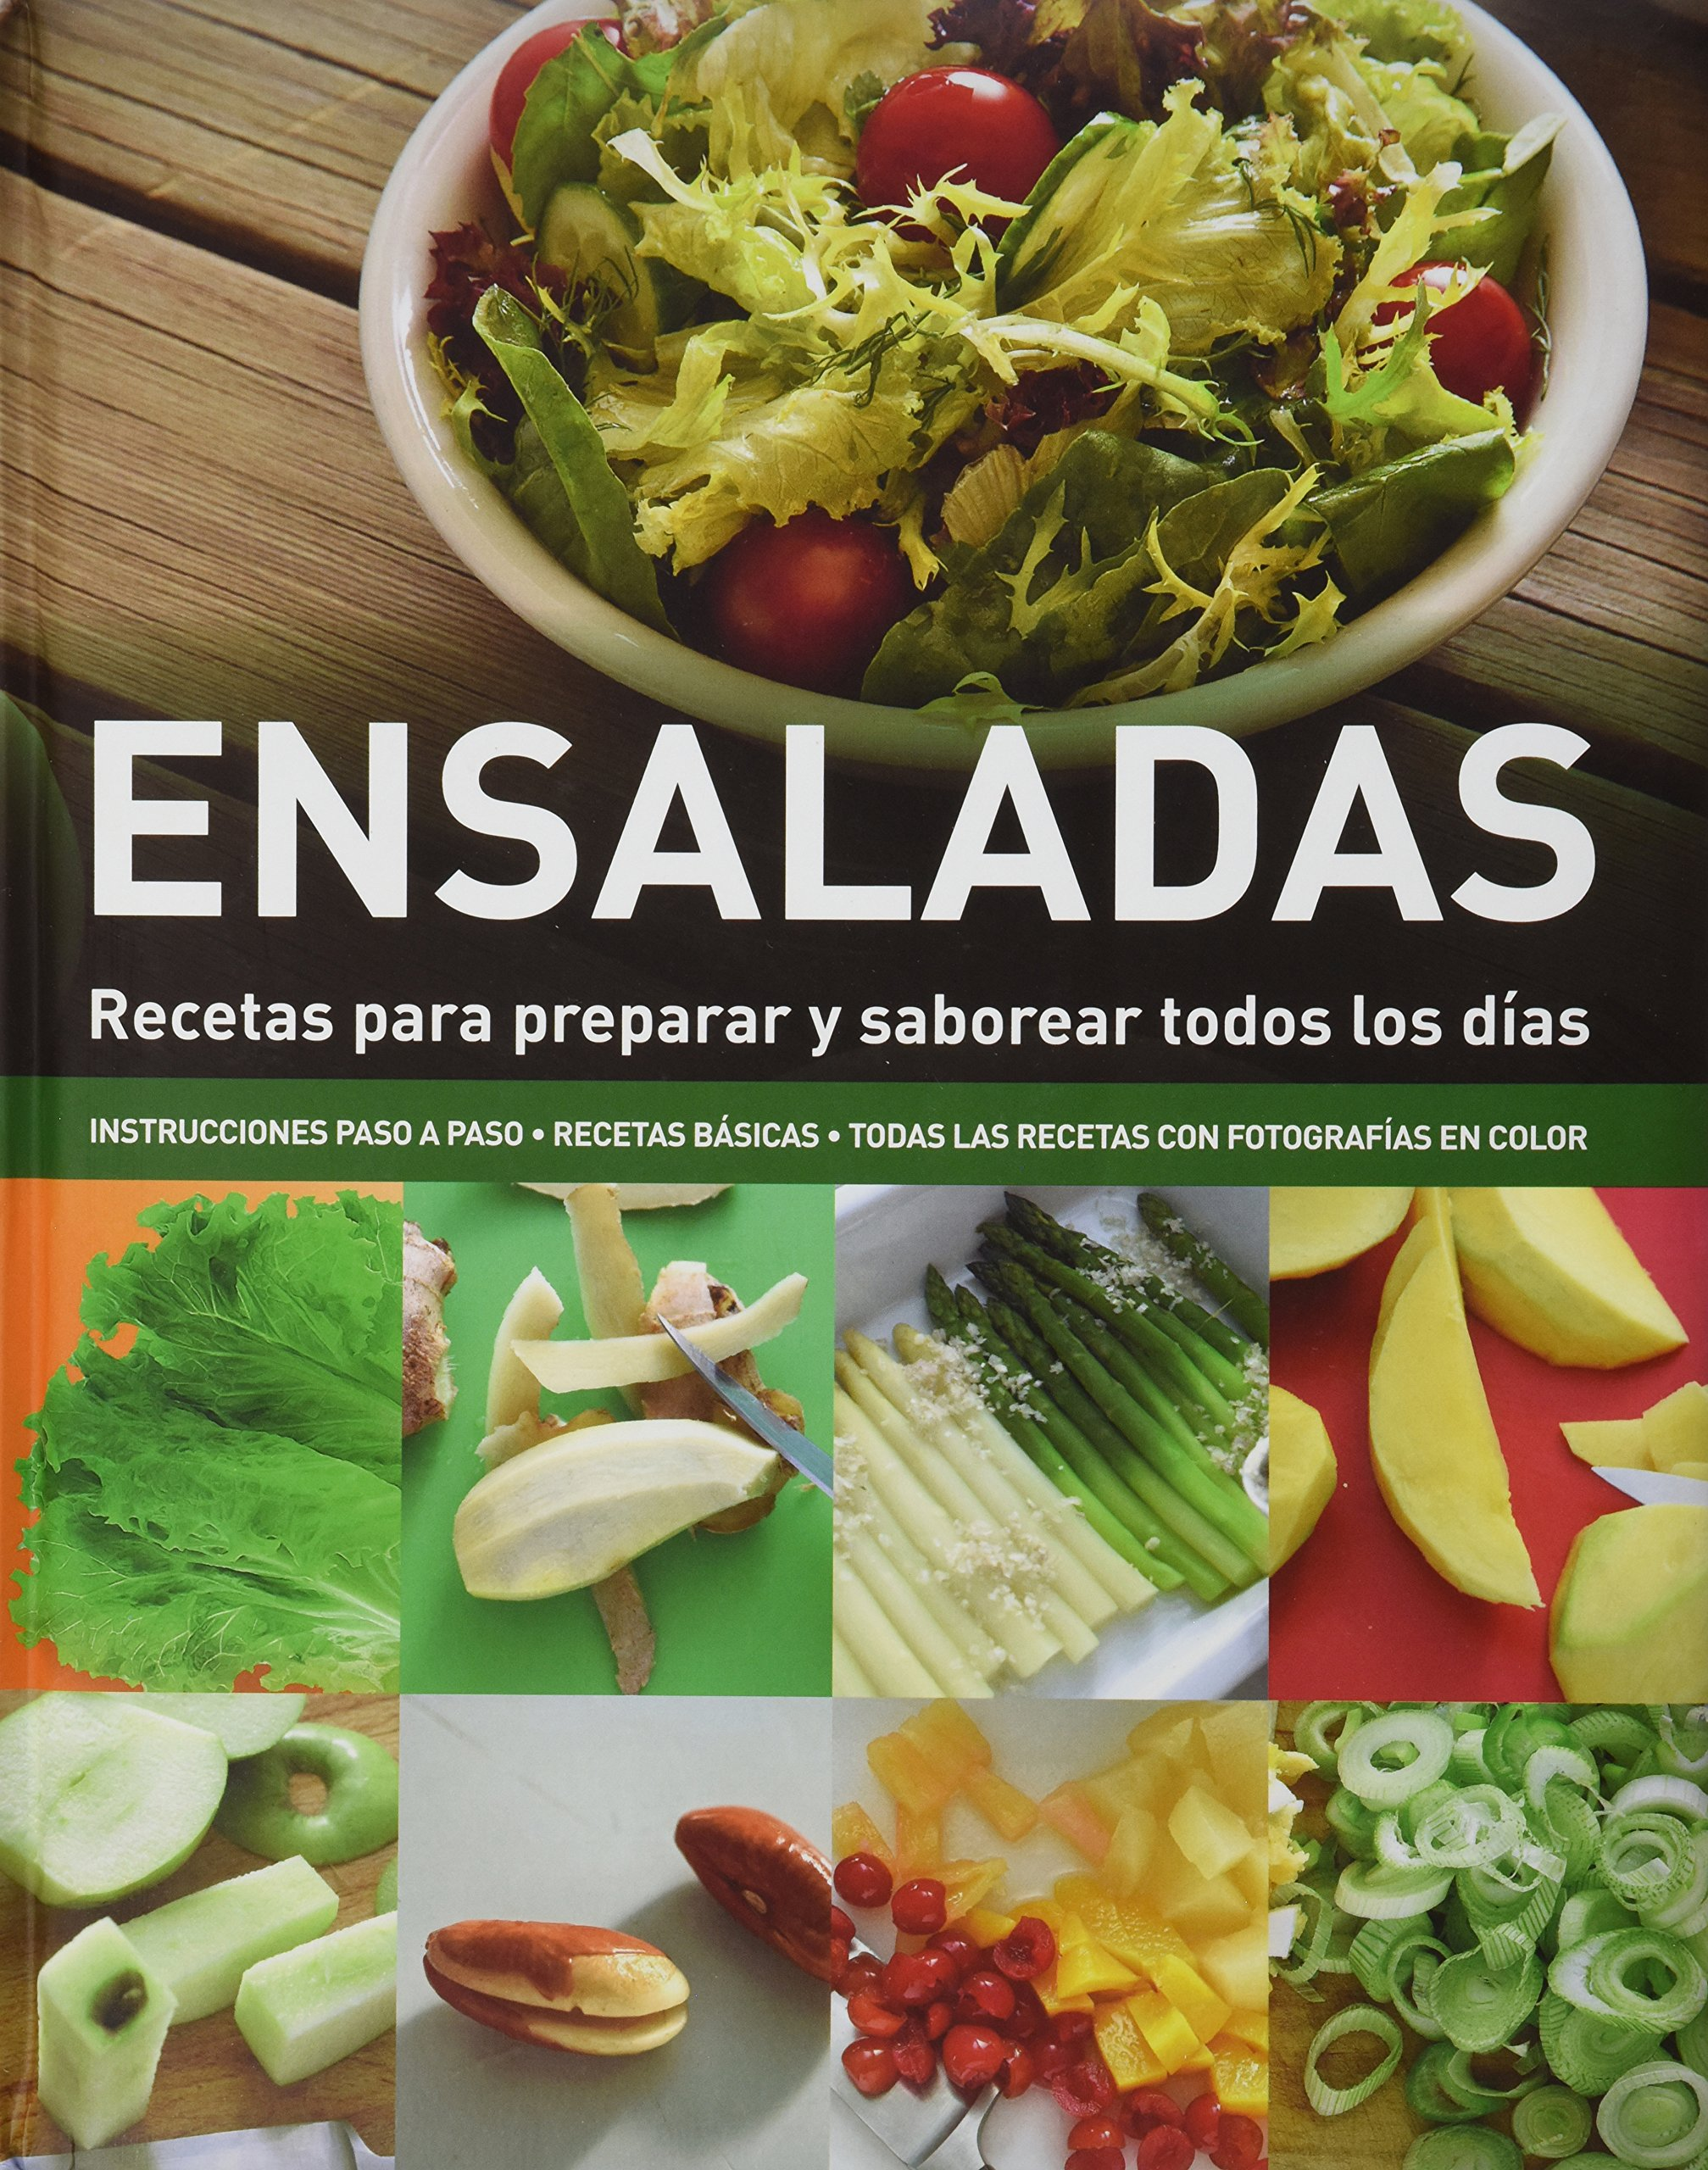 Ensaladas - Recetas Para Preparar Y Saborear Todos Los Días: Amazon.es: VV.AA.: Libros en idiomas extranjeros